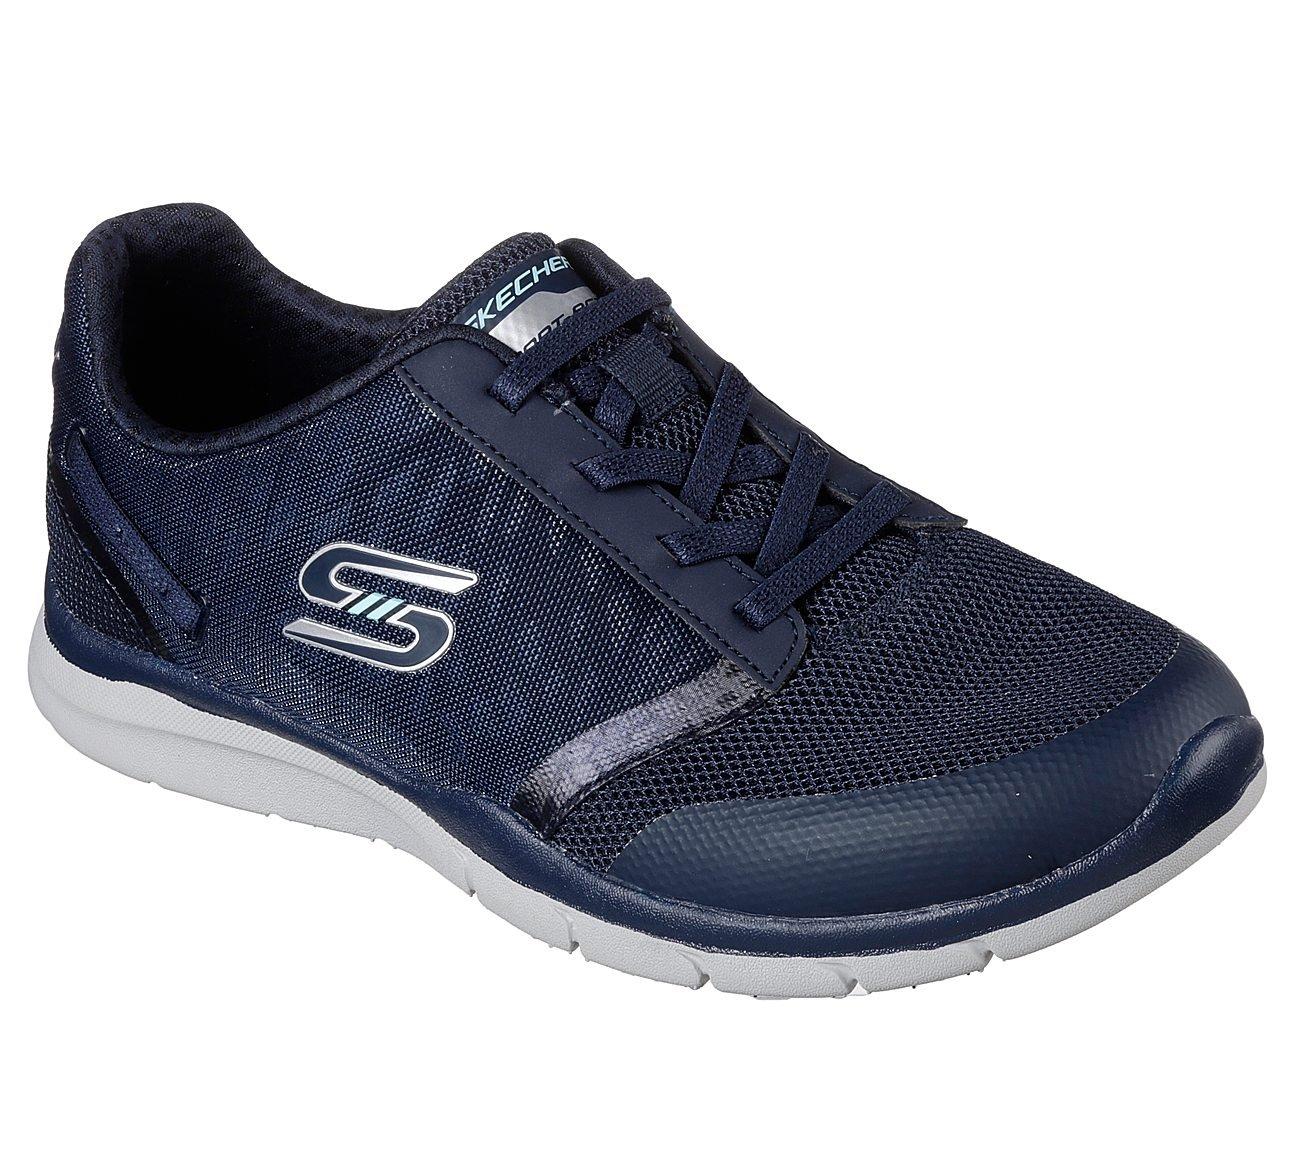 Skechers Gratis Cloud up to Speed Womens Slip On Sneakers B079RVP1QS 9.5 B(M) US Navy